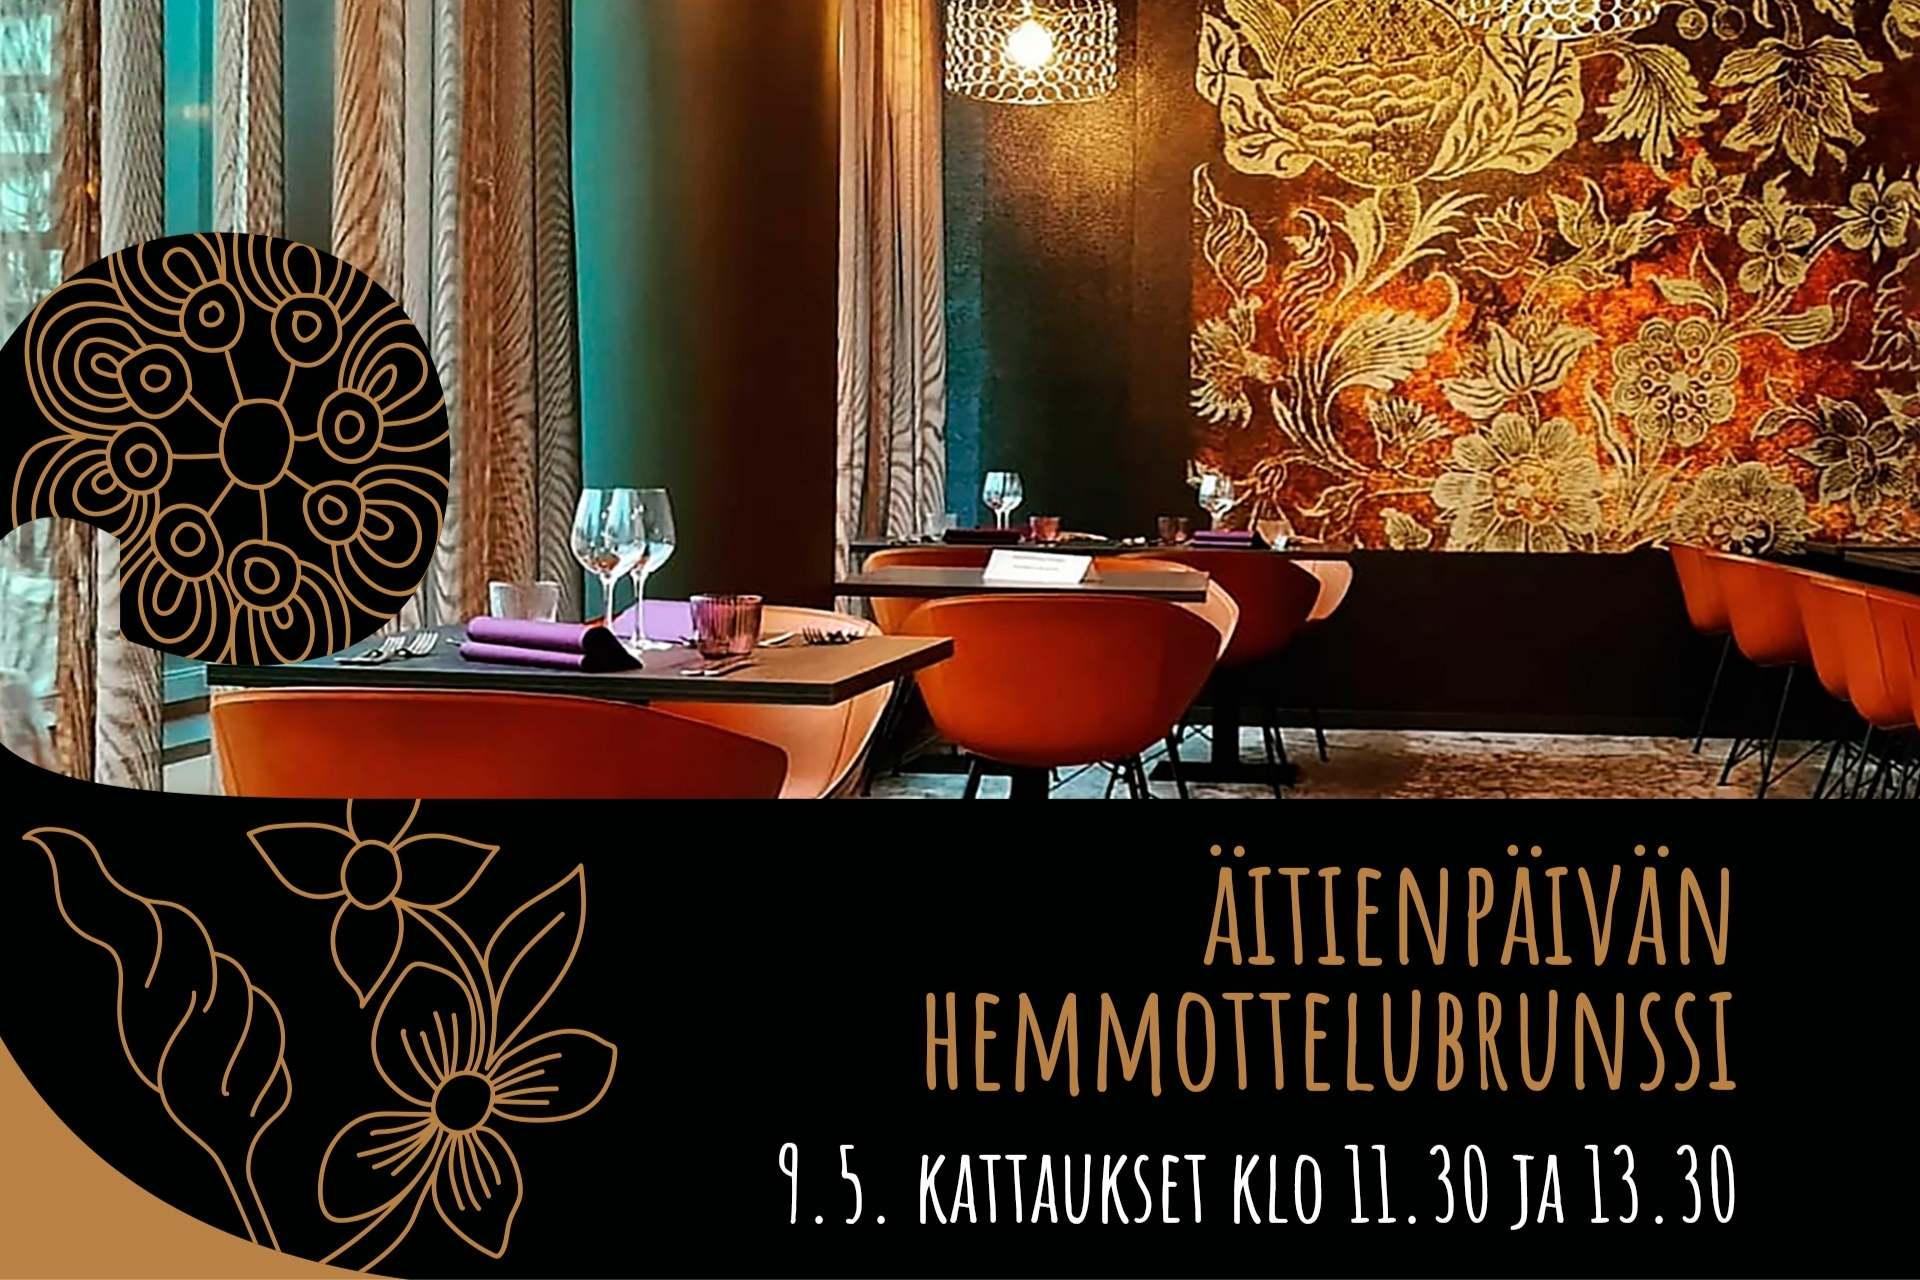 Ravintola Frejassa tarjoillaan äitienpäiväbrunssi 9.5.2021